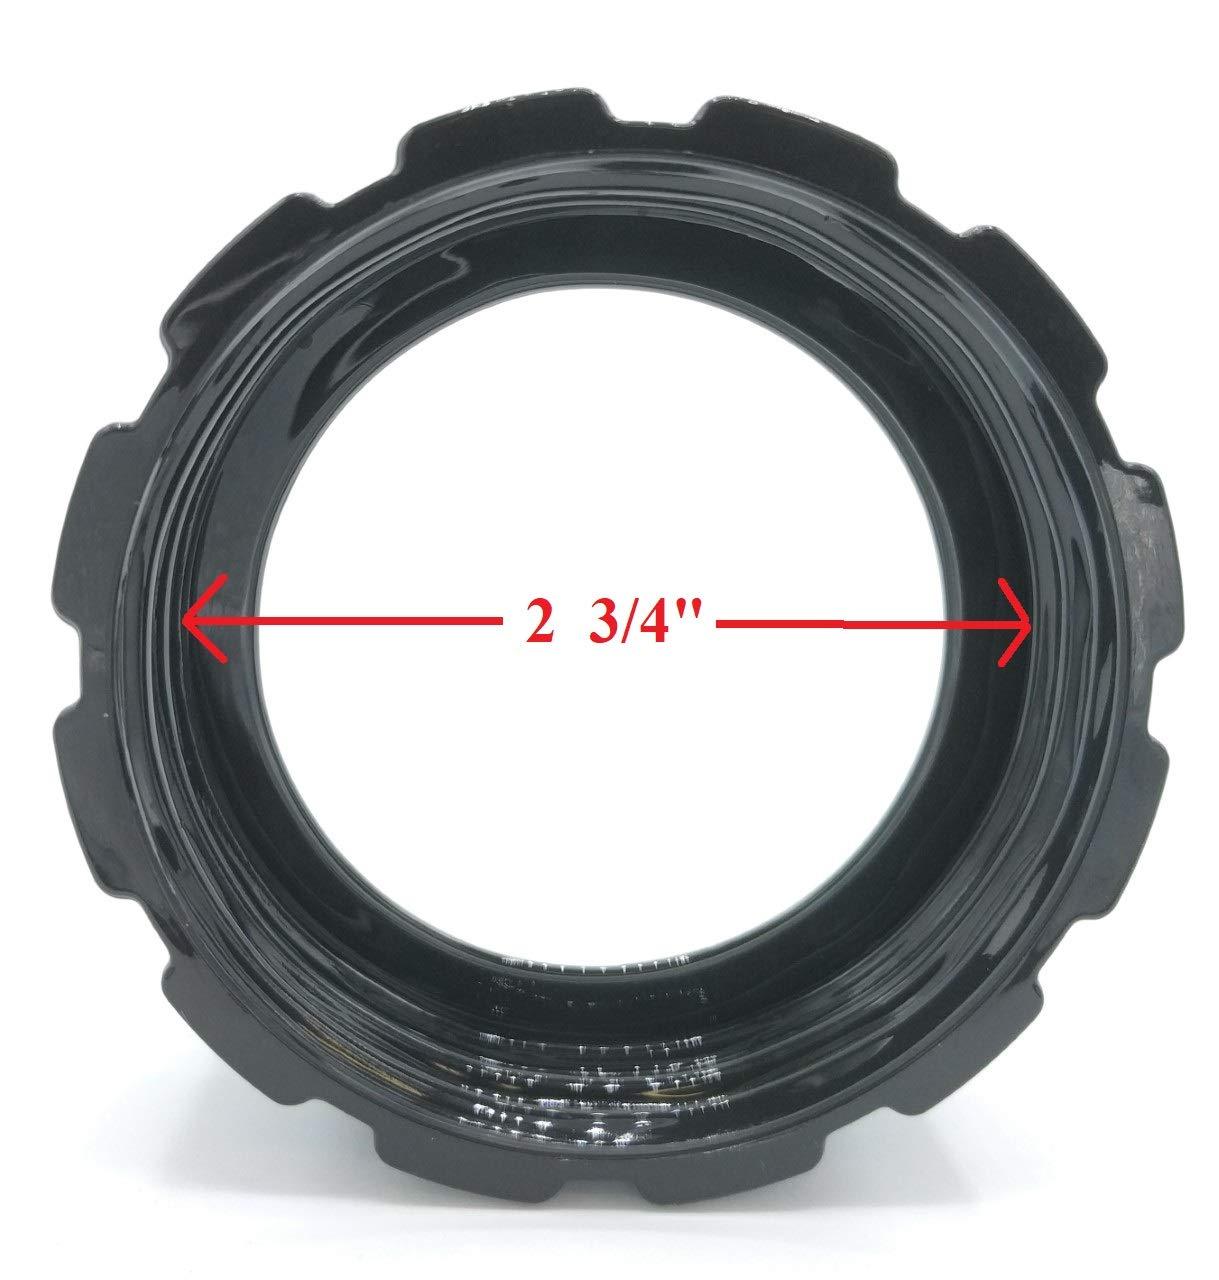 negro compatible con batidoras Hamilton Beach 990035900 909 Tapa de pl/ástico de repuesto para base de anillo inferior Blendin 919 HB908